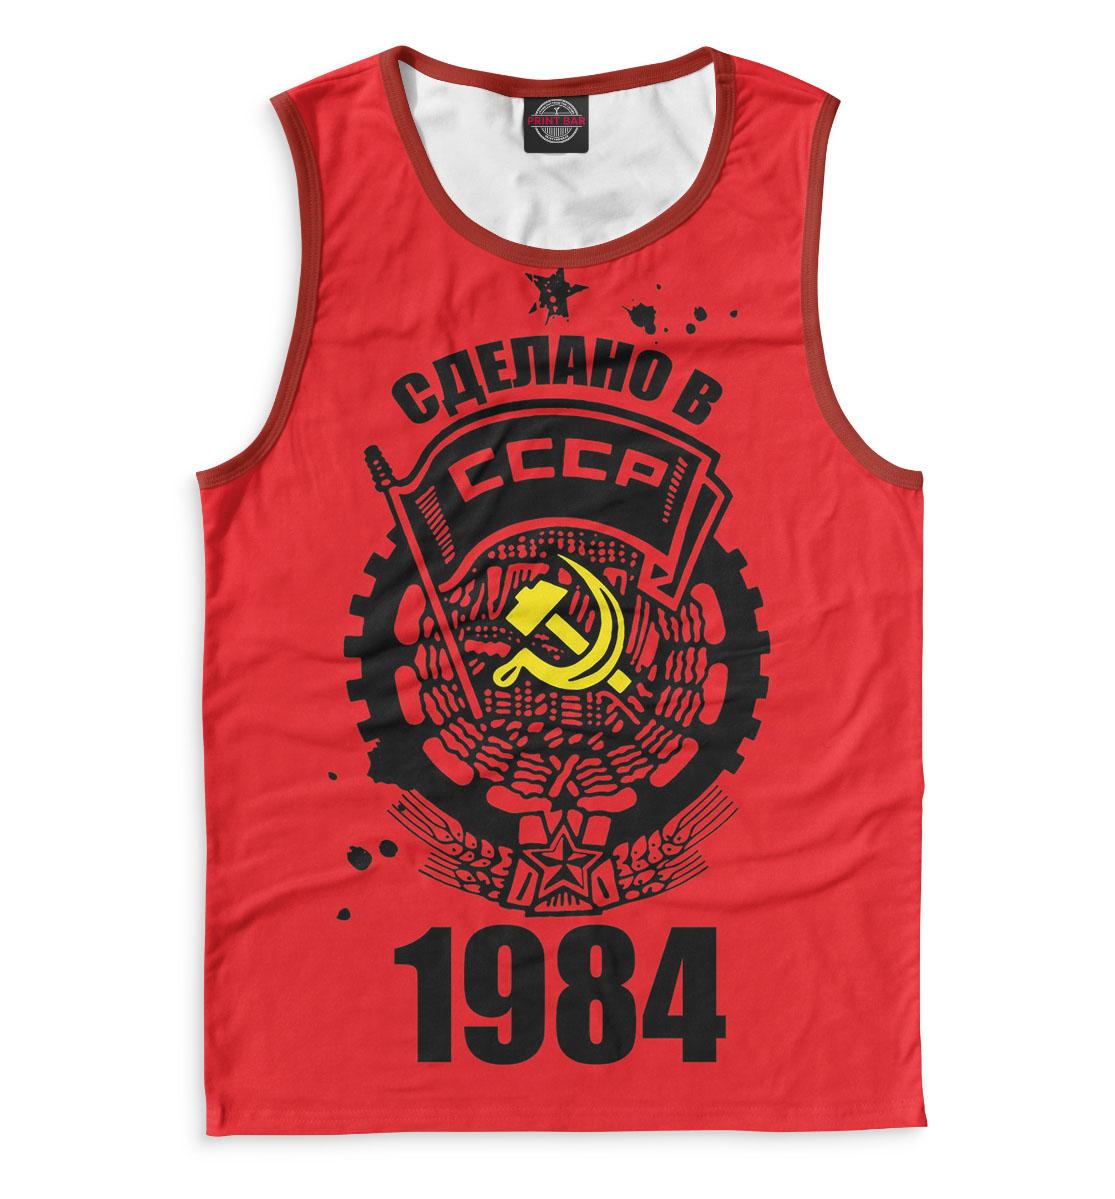 Сделано в СССР — 1984, Printbar, Майки, DVC-855458-may-2  - купить со скидкой